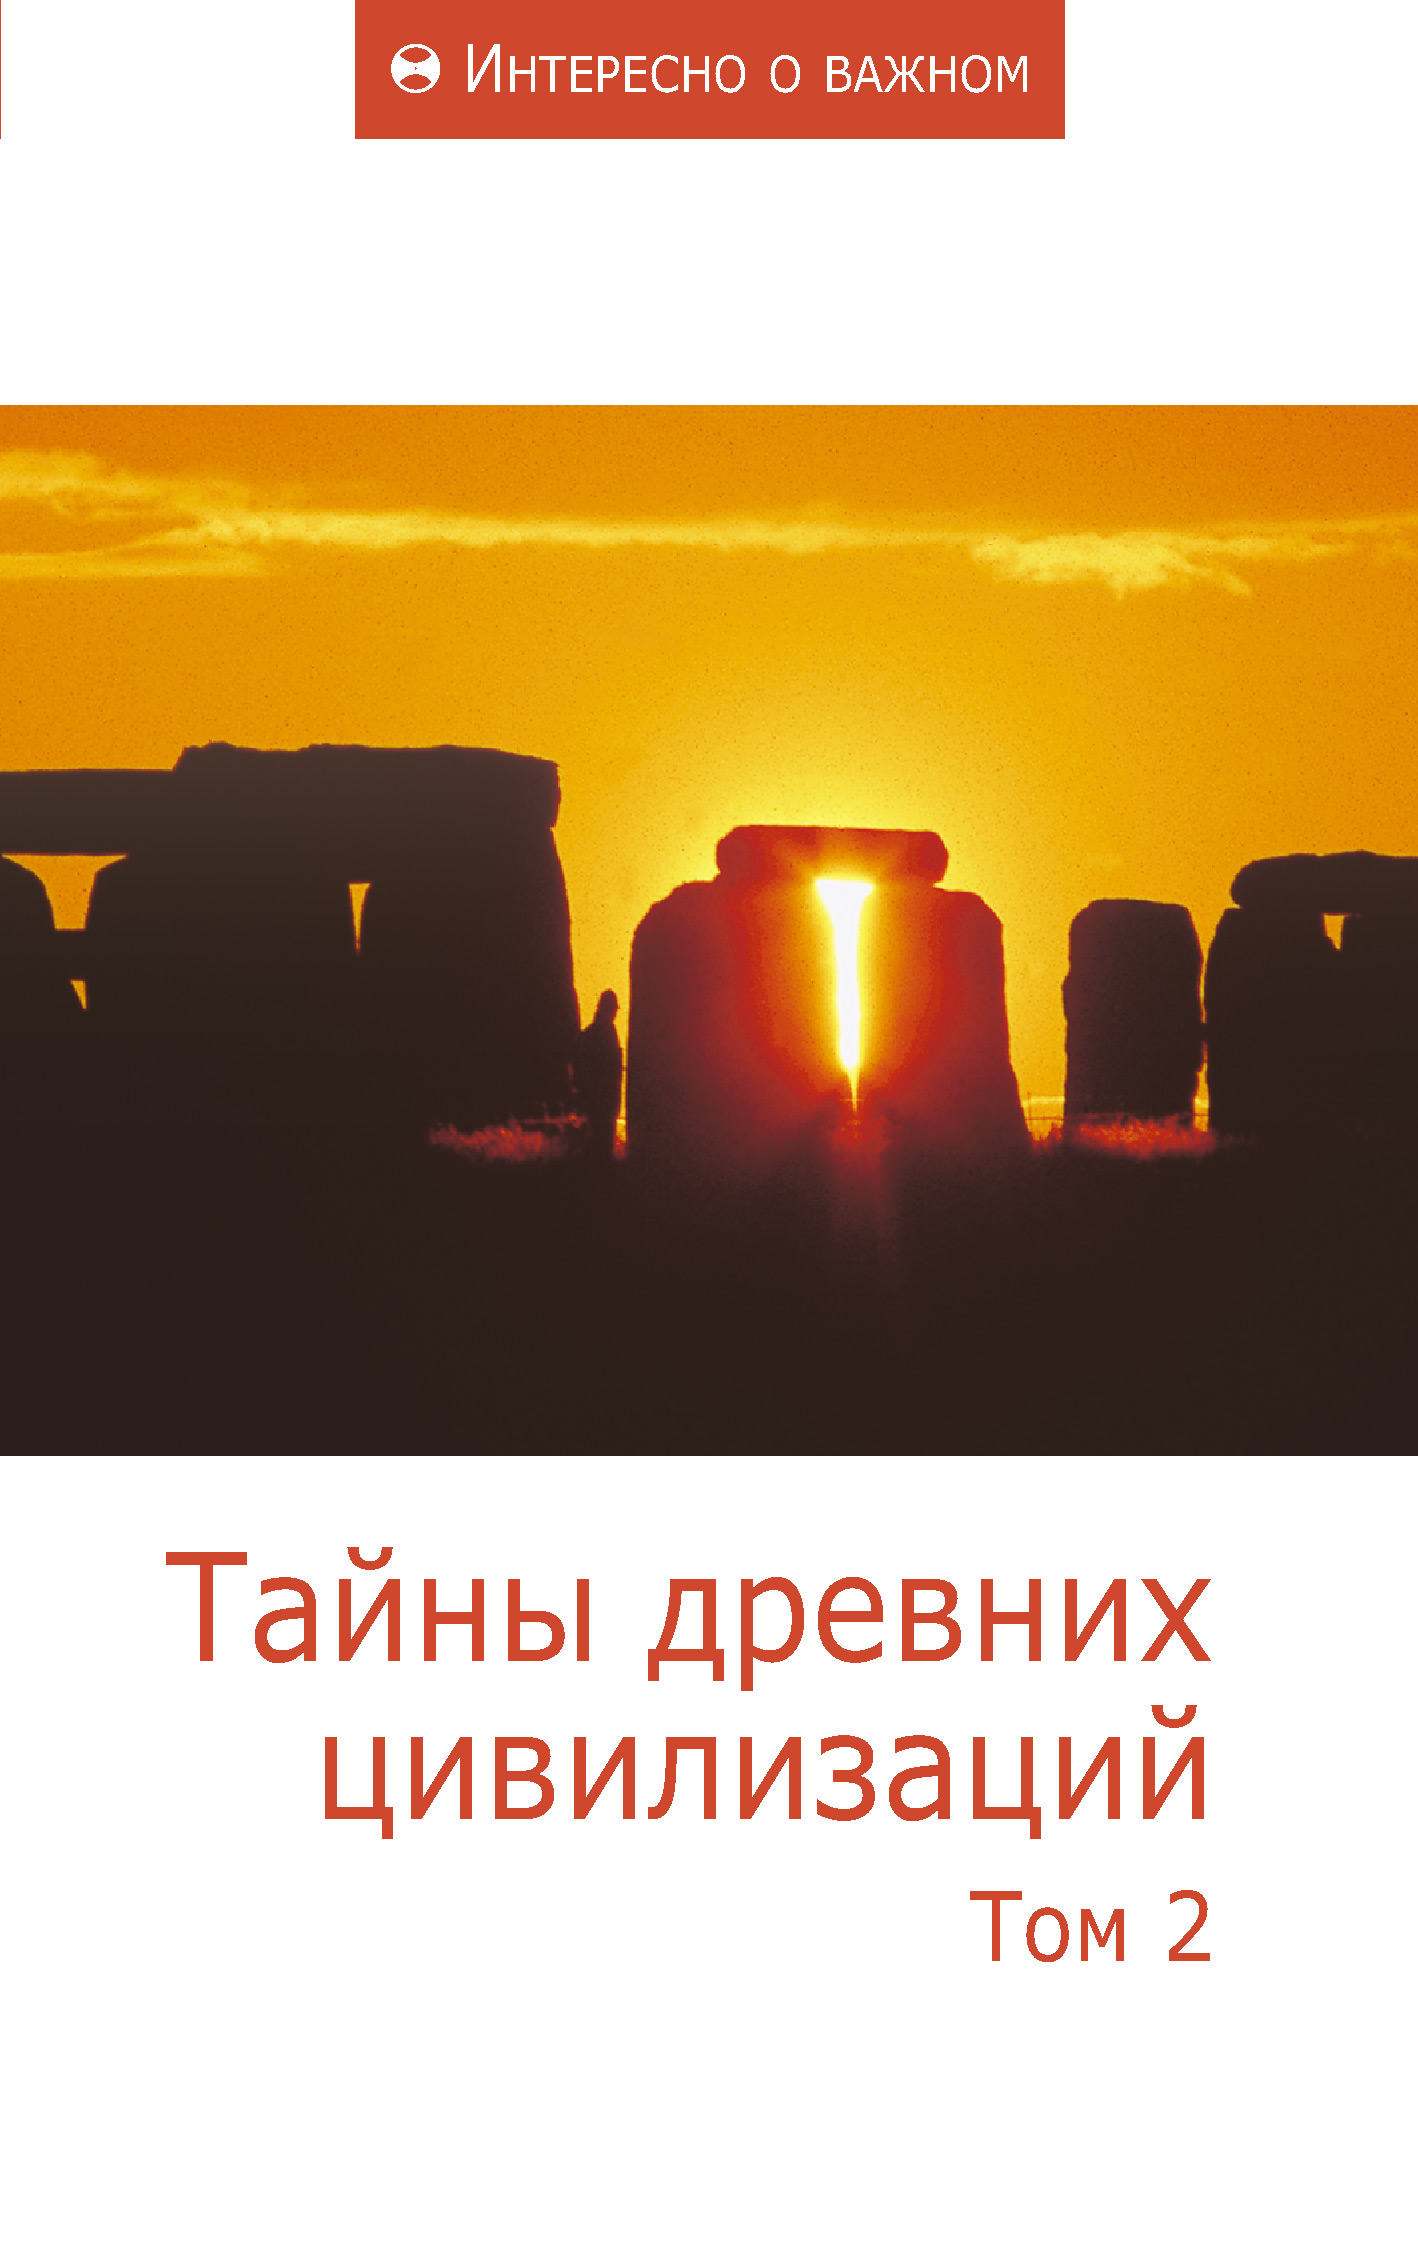 Сборник статей Тайны древних цивилизаций. Том 2